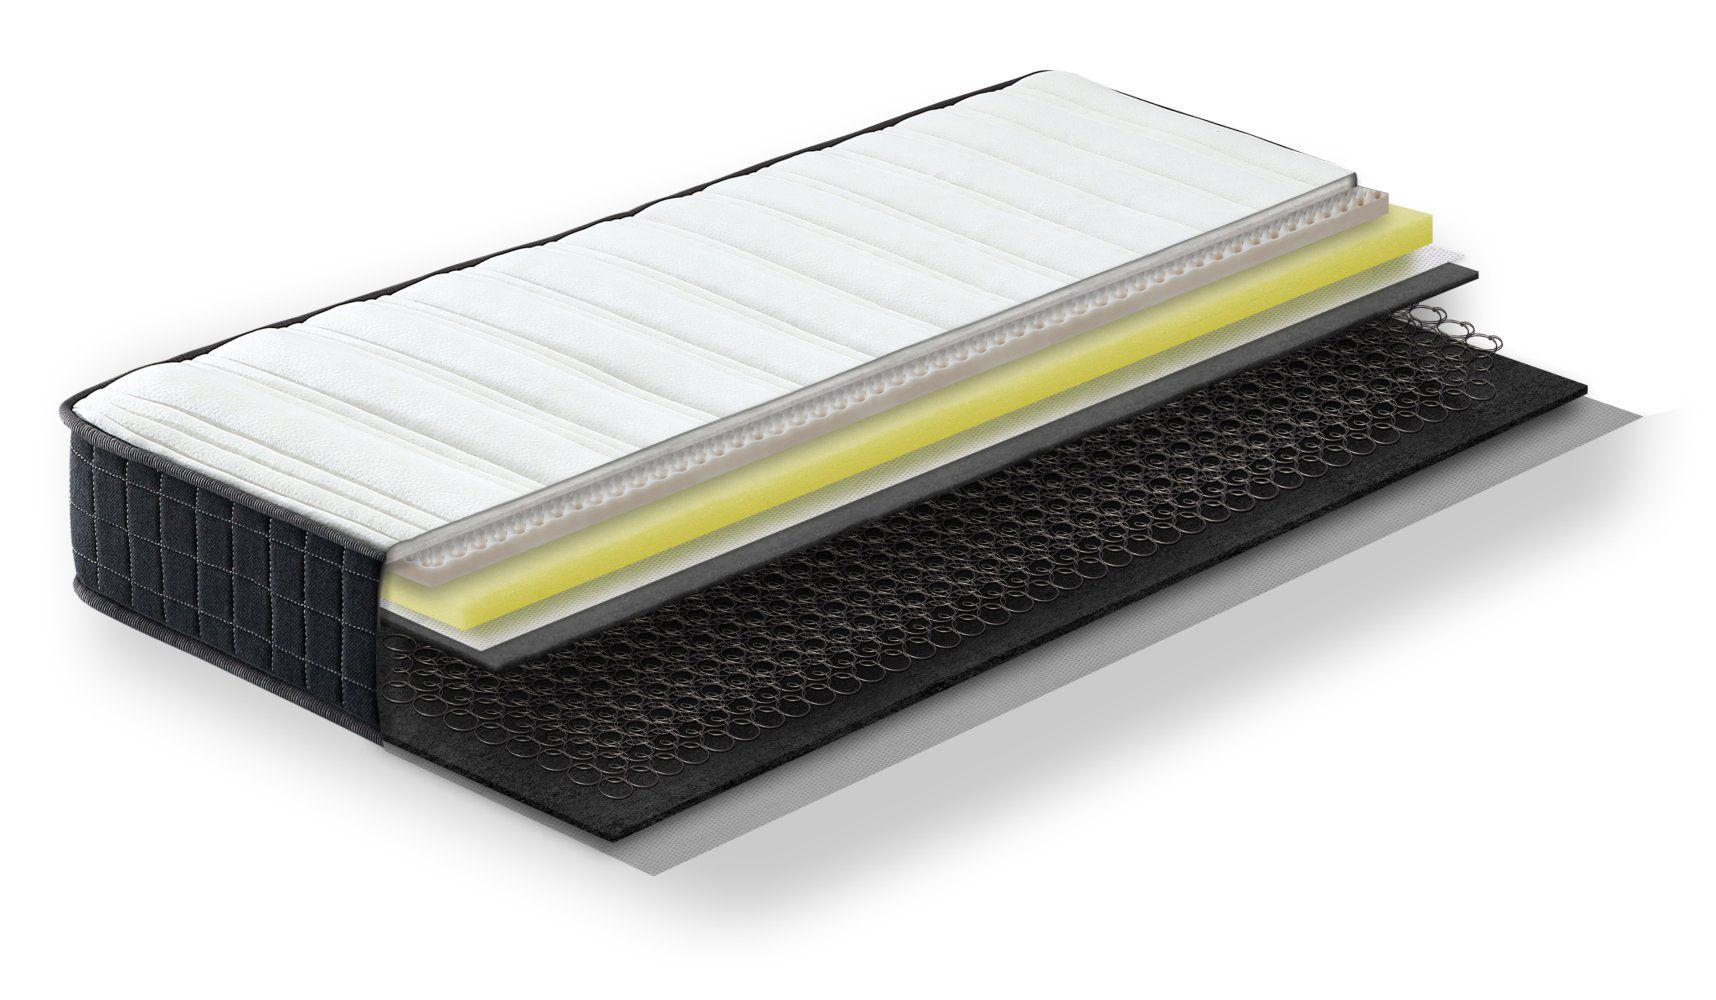 Steiner Premium Matratze Dream mit Bonellfederkern - Größe: 90 x 200 cm, Härtegrad H2-H3, Höhe: 20 cm